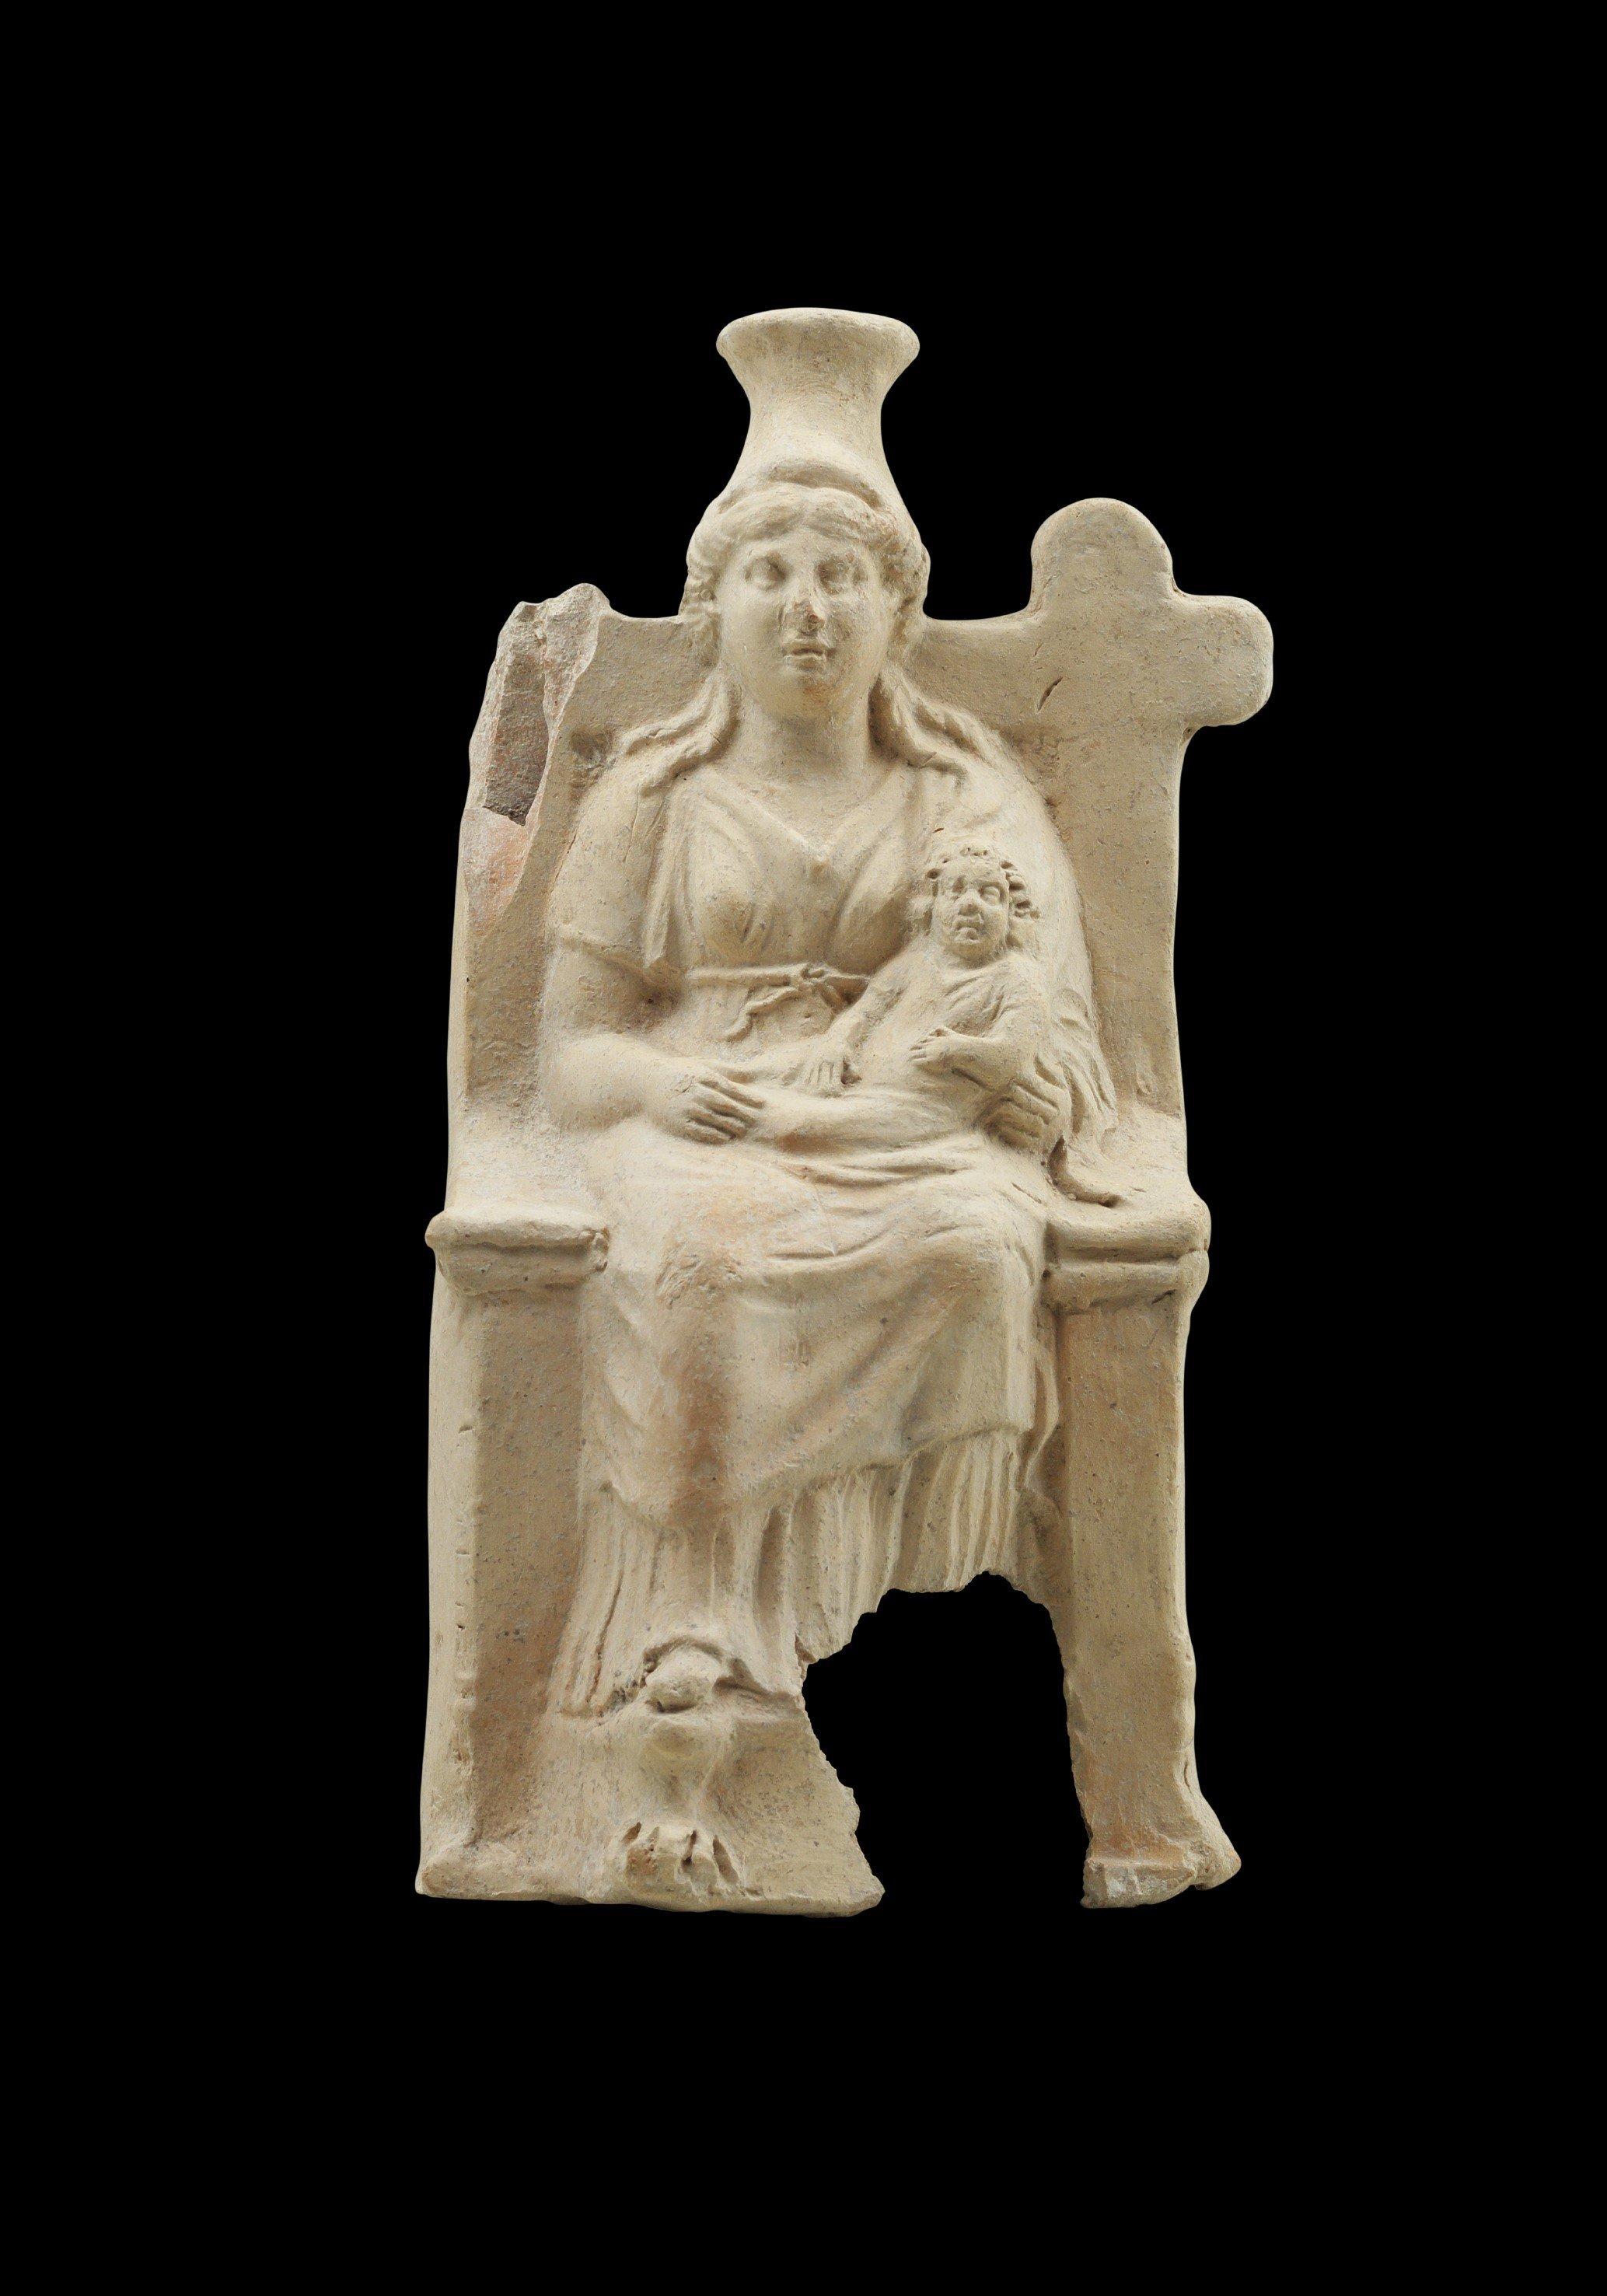 Άπτερα - Ελεύθερνα - Κνωσός. Τρεις αρχαίες πόλεις «ζωντανεύουν» στο Μουσείο Κυκλαδικής